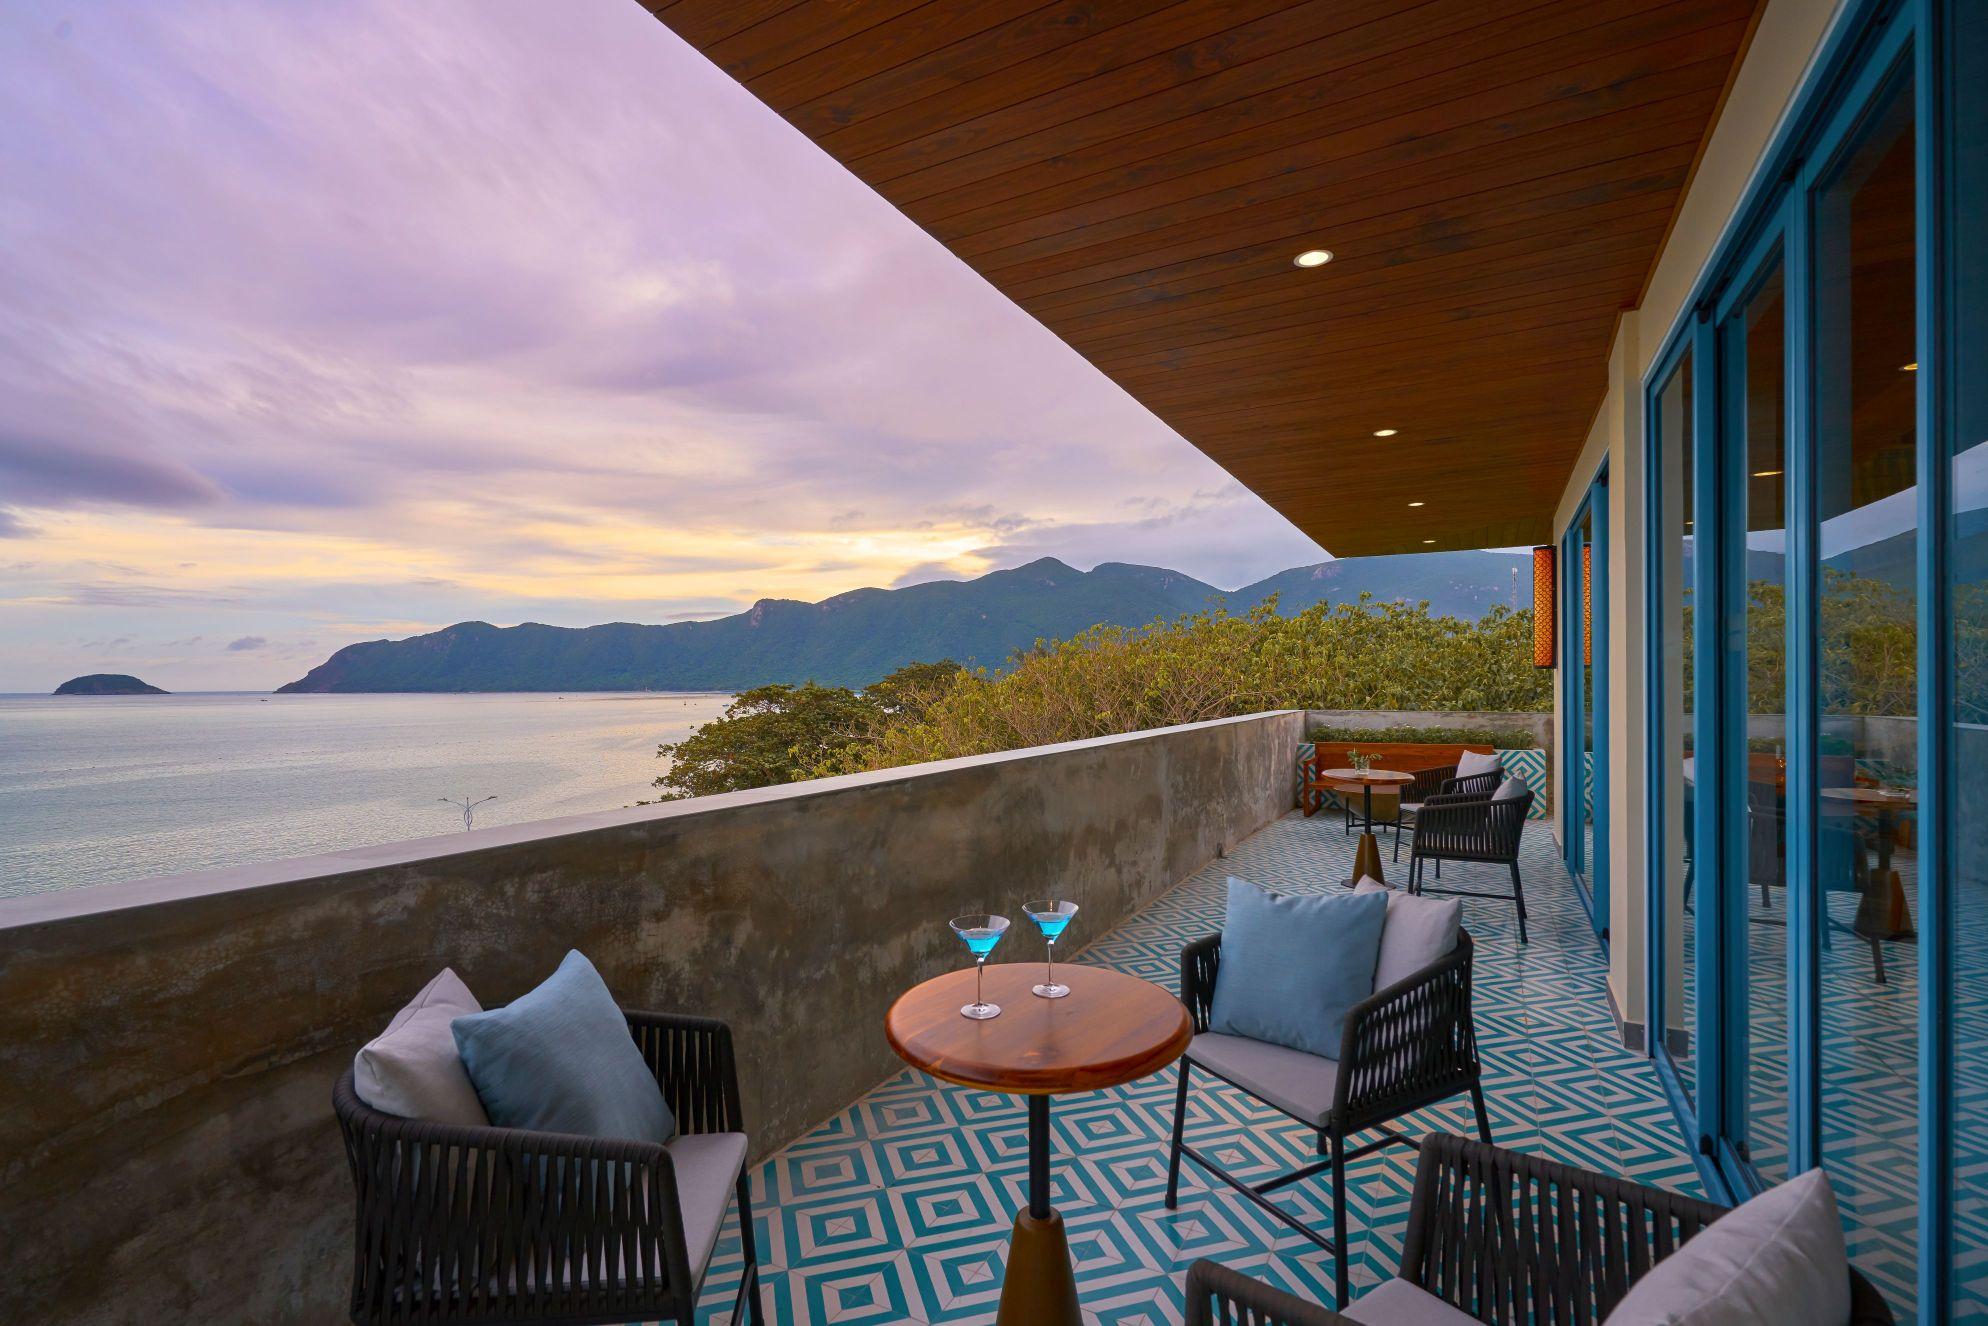 Sunset Lounge Trải nghiệm Hương Xuân Vị Tết và Valentine đáng nhớtại The Secret Côn Đảo